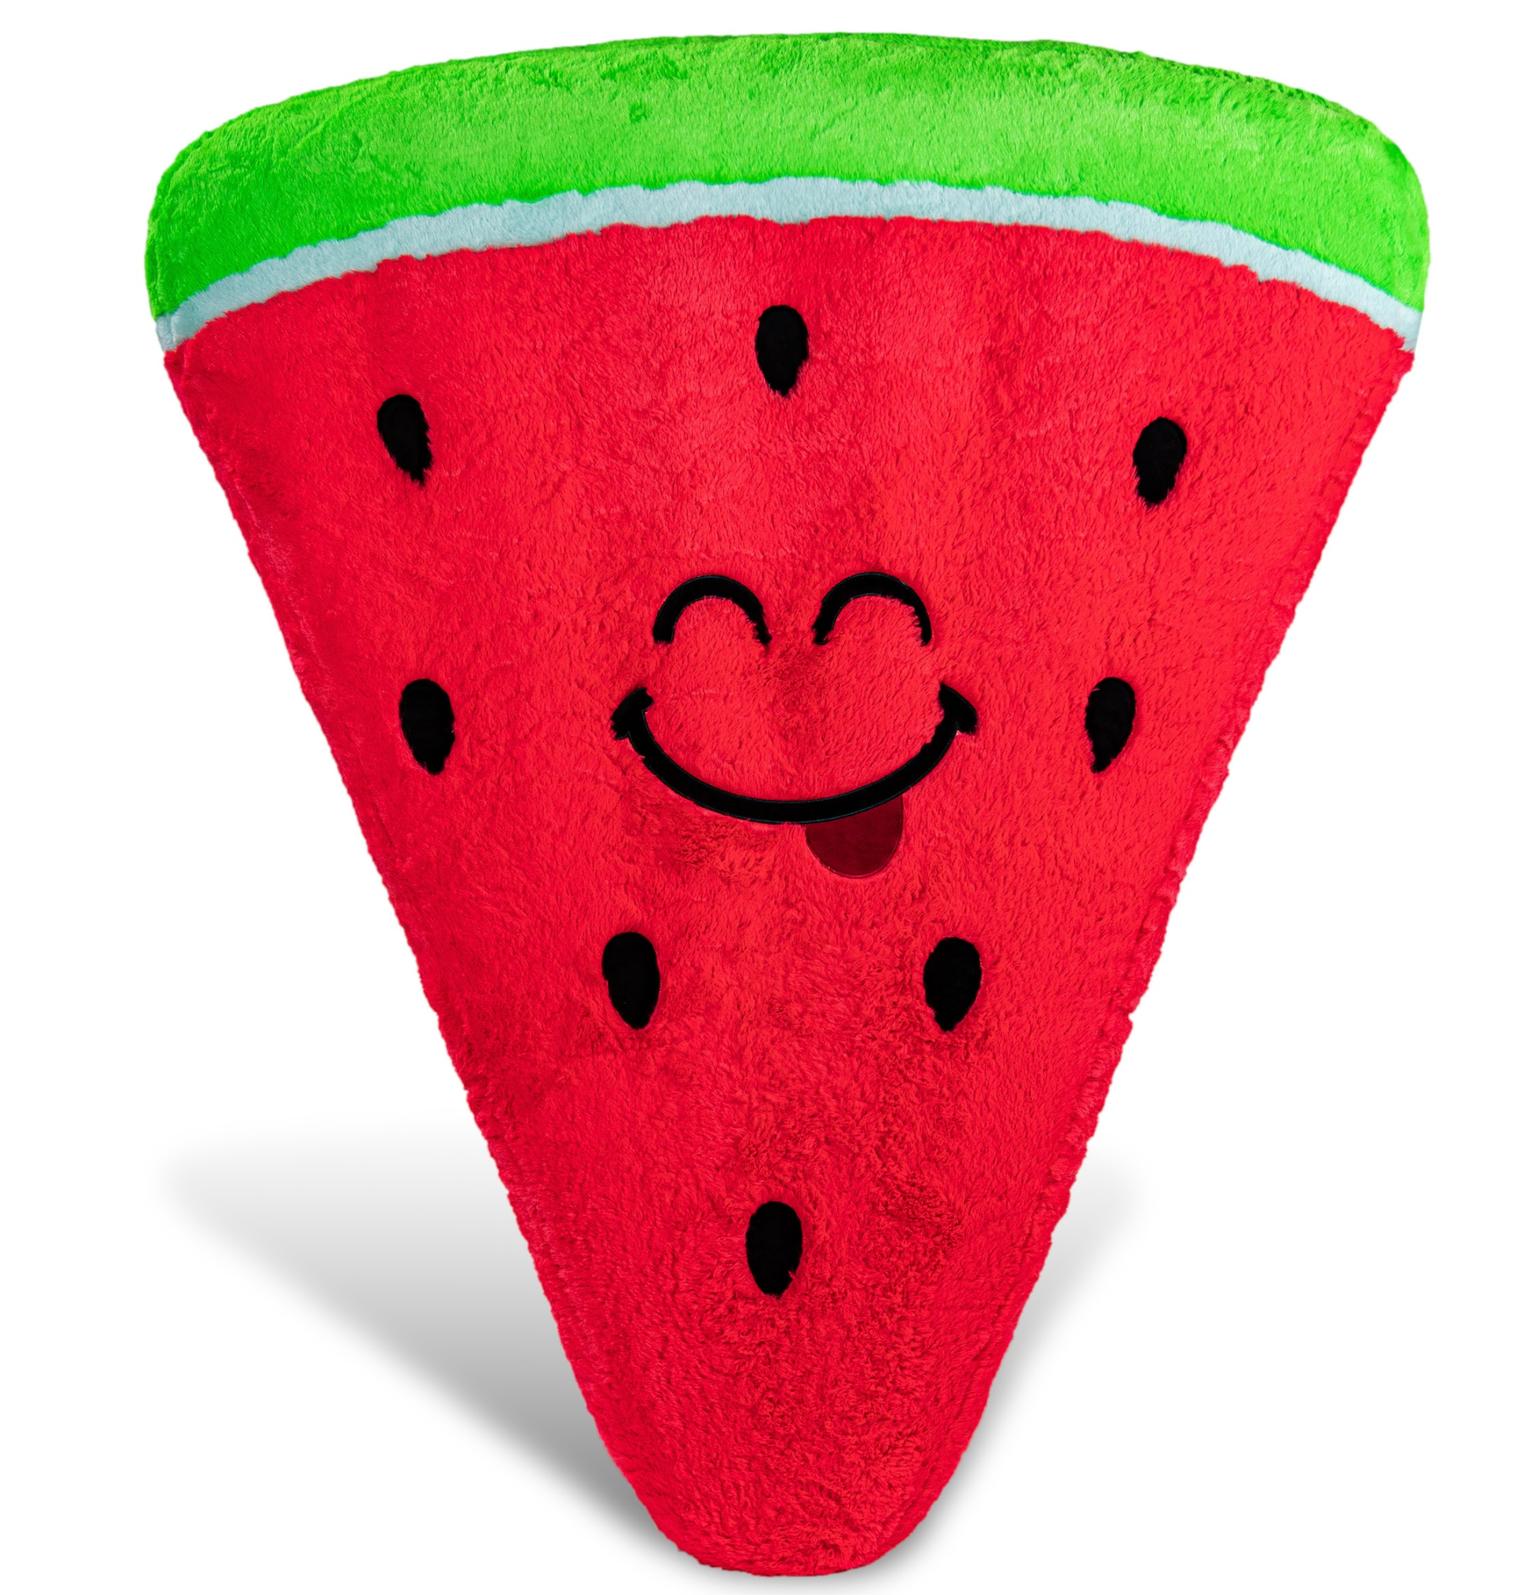 Watermelon Inflatable Floor Floatie-1